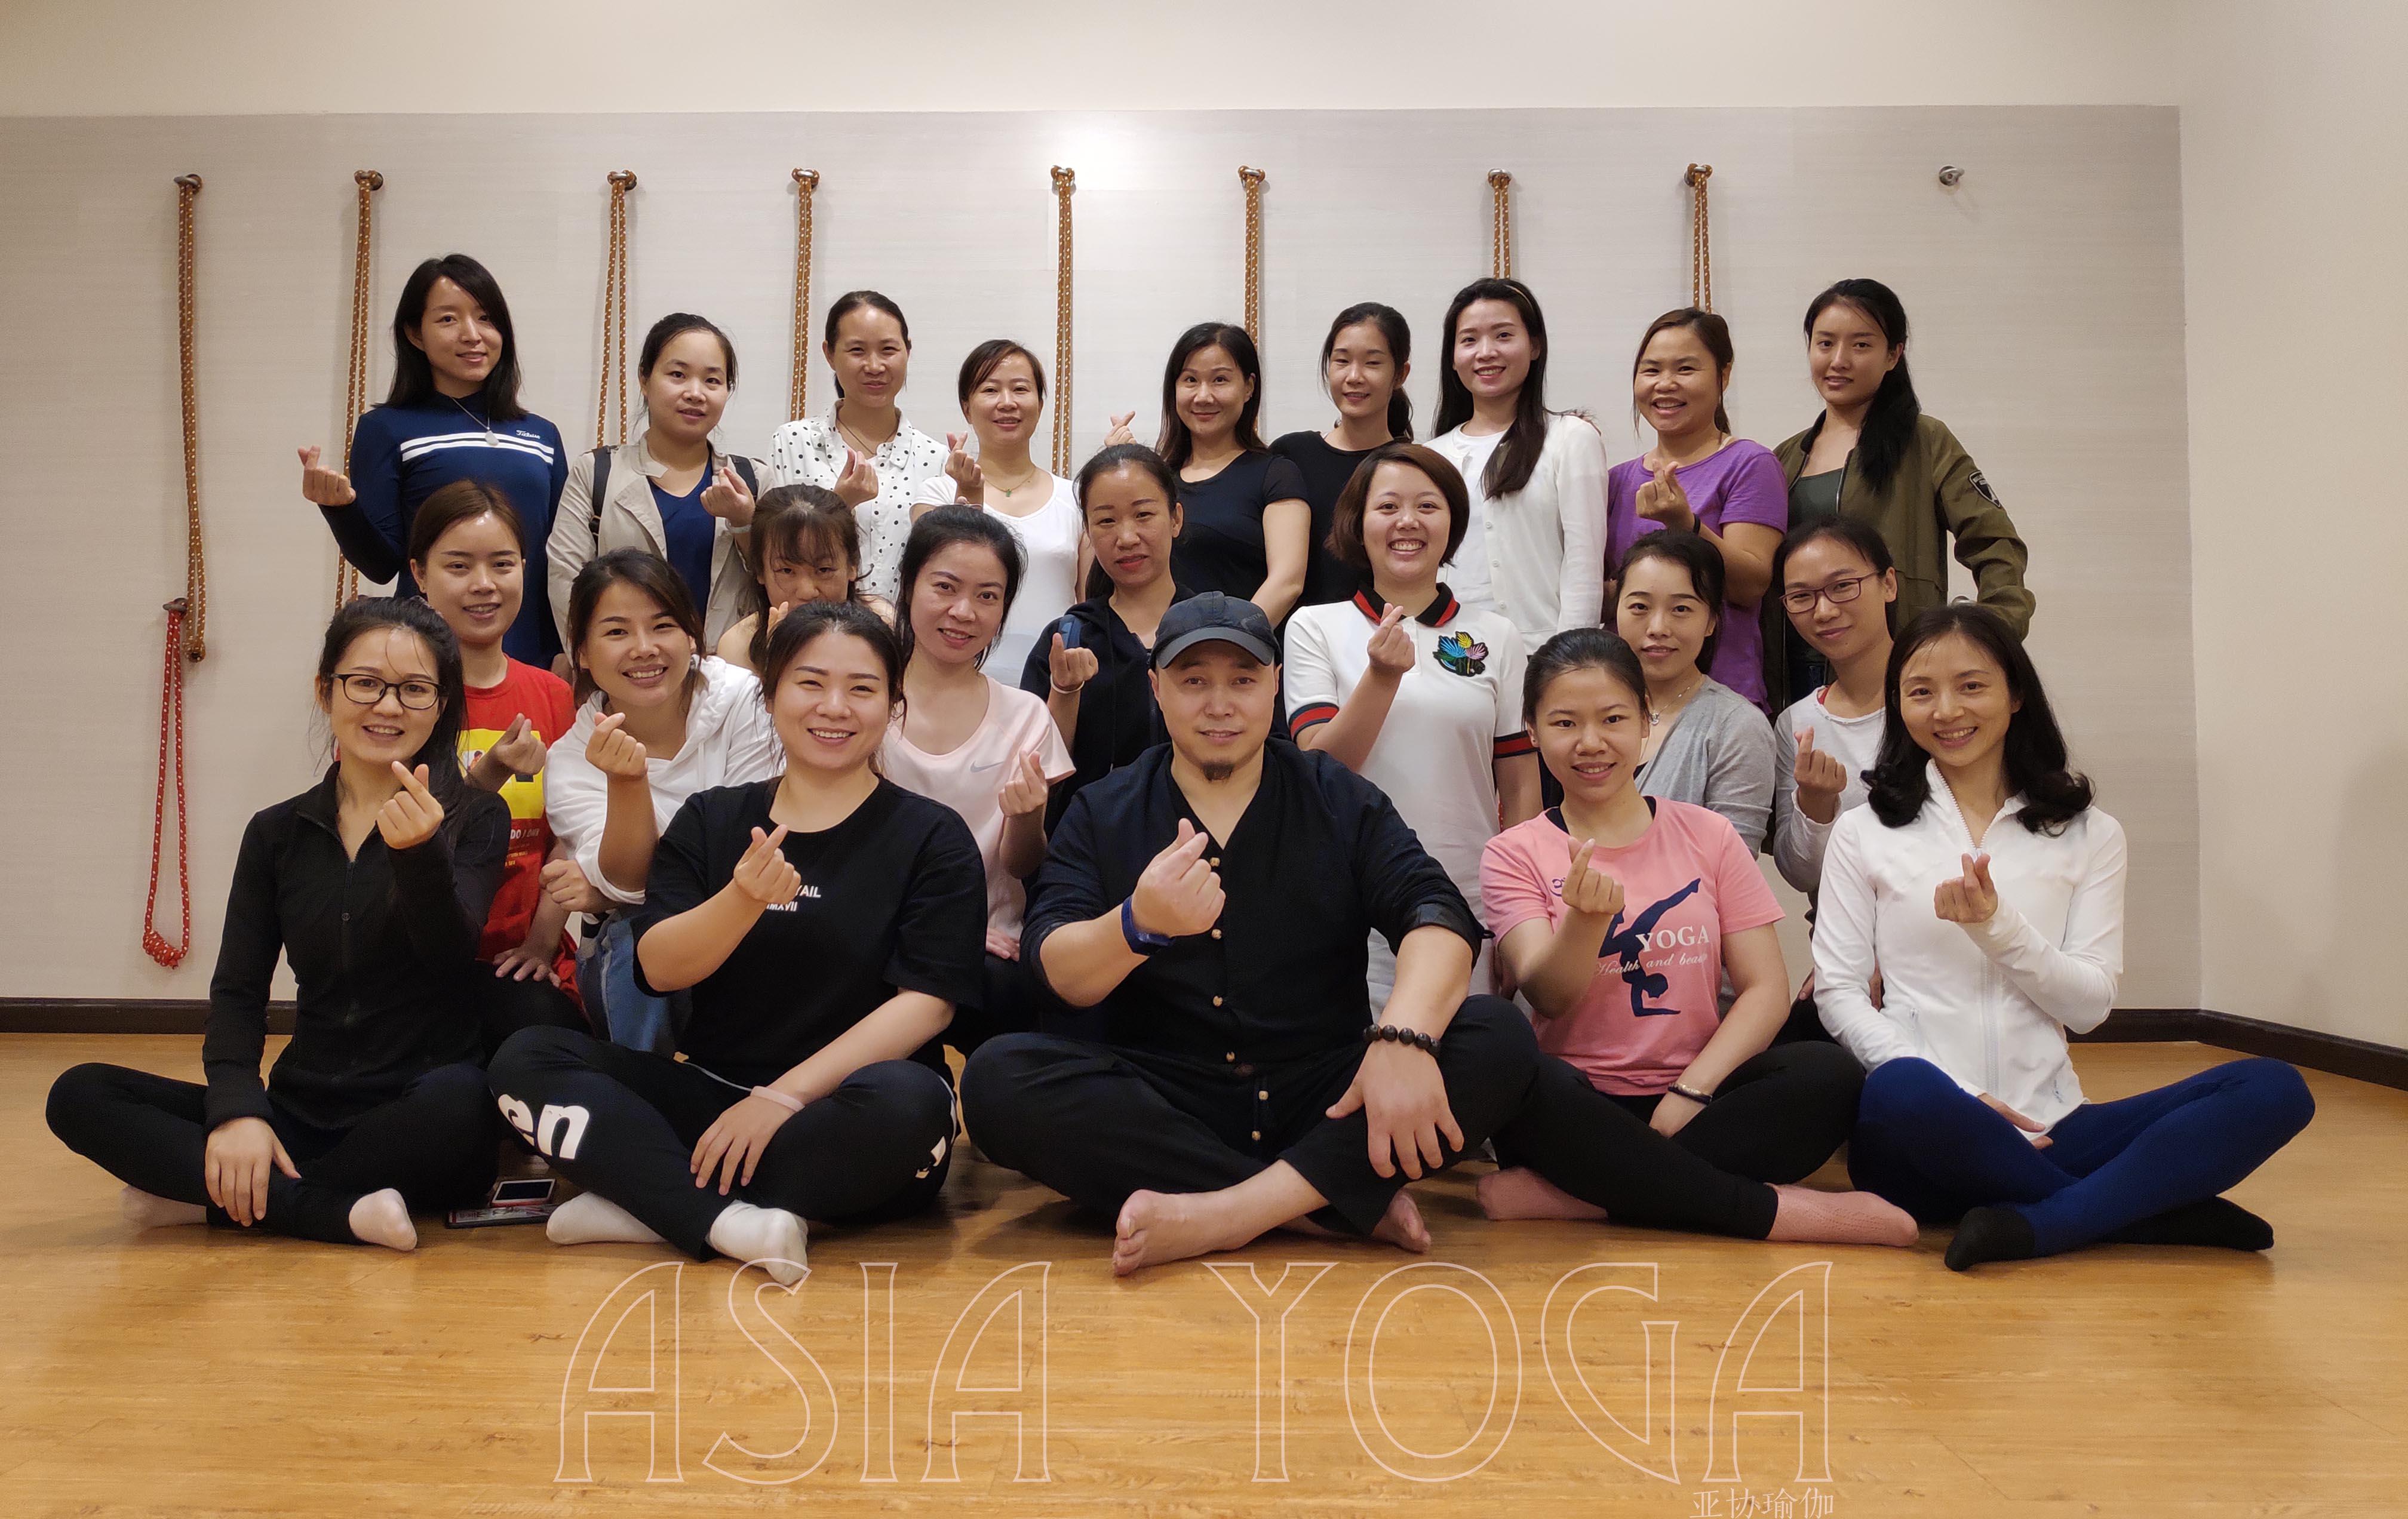 从入门到精通,亚协体育最实用、专业的【孕产康复训练师课程】开课啦!